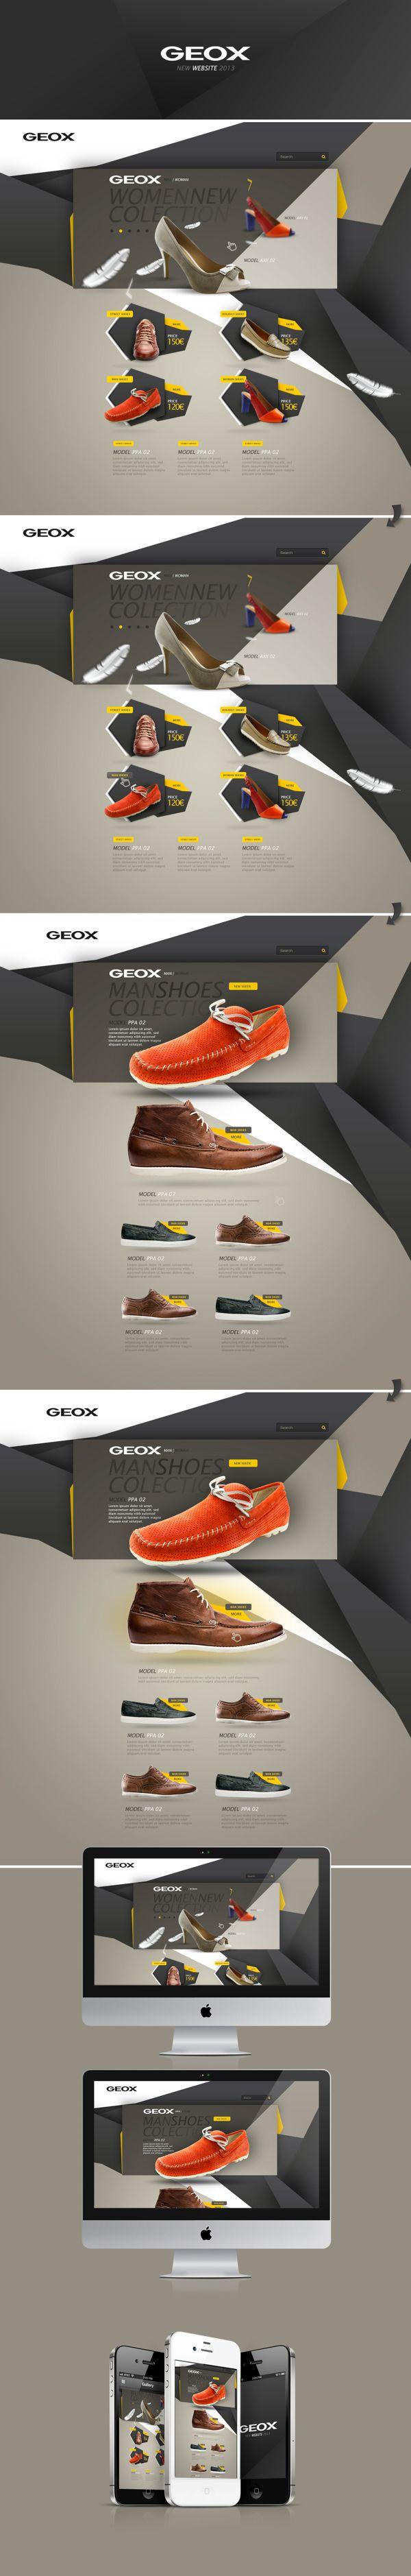 GEOX website